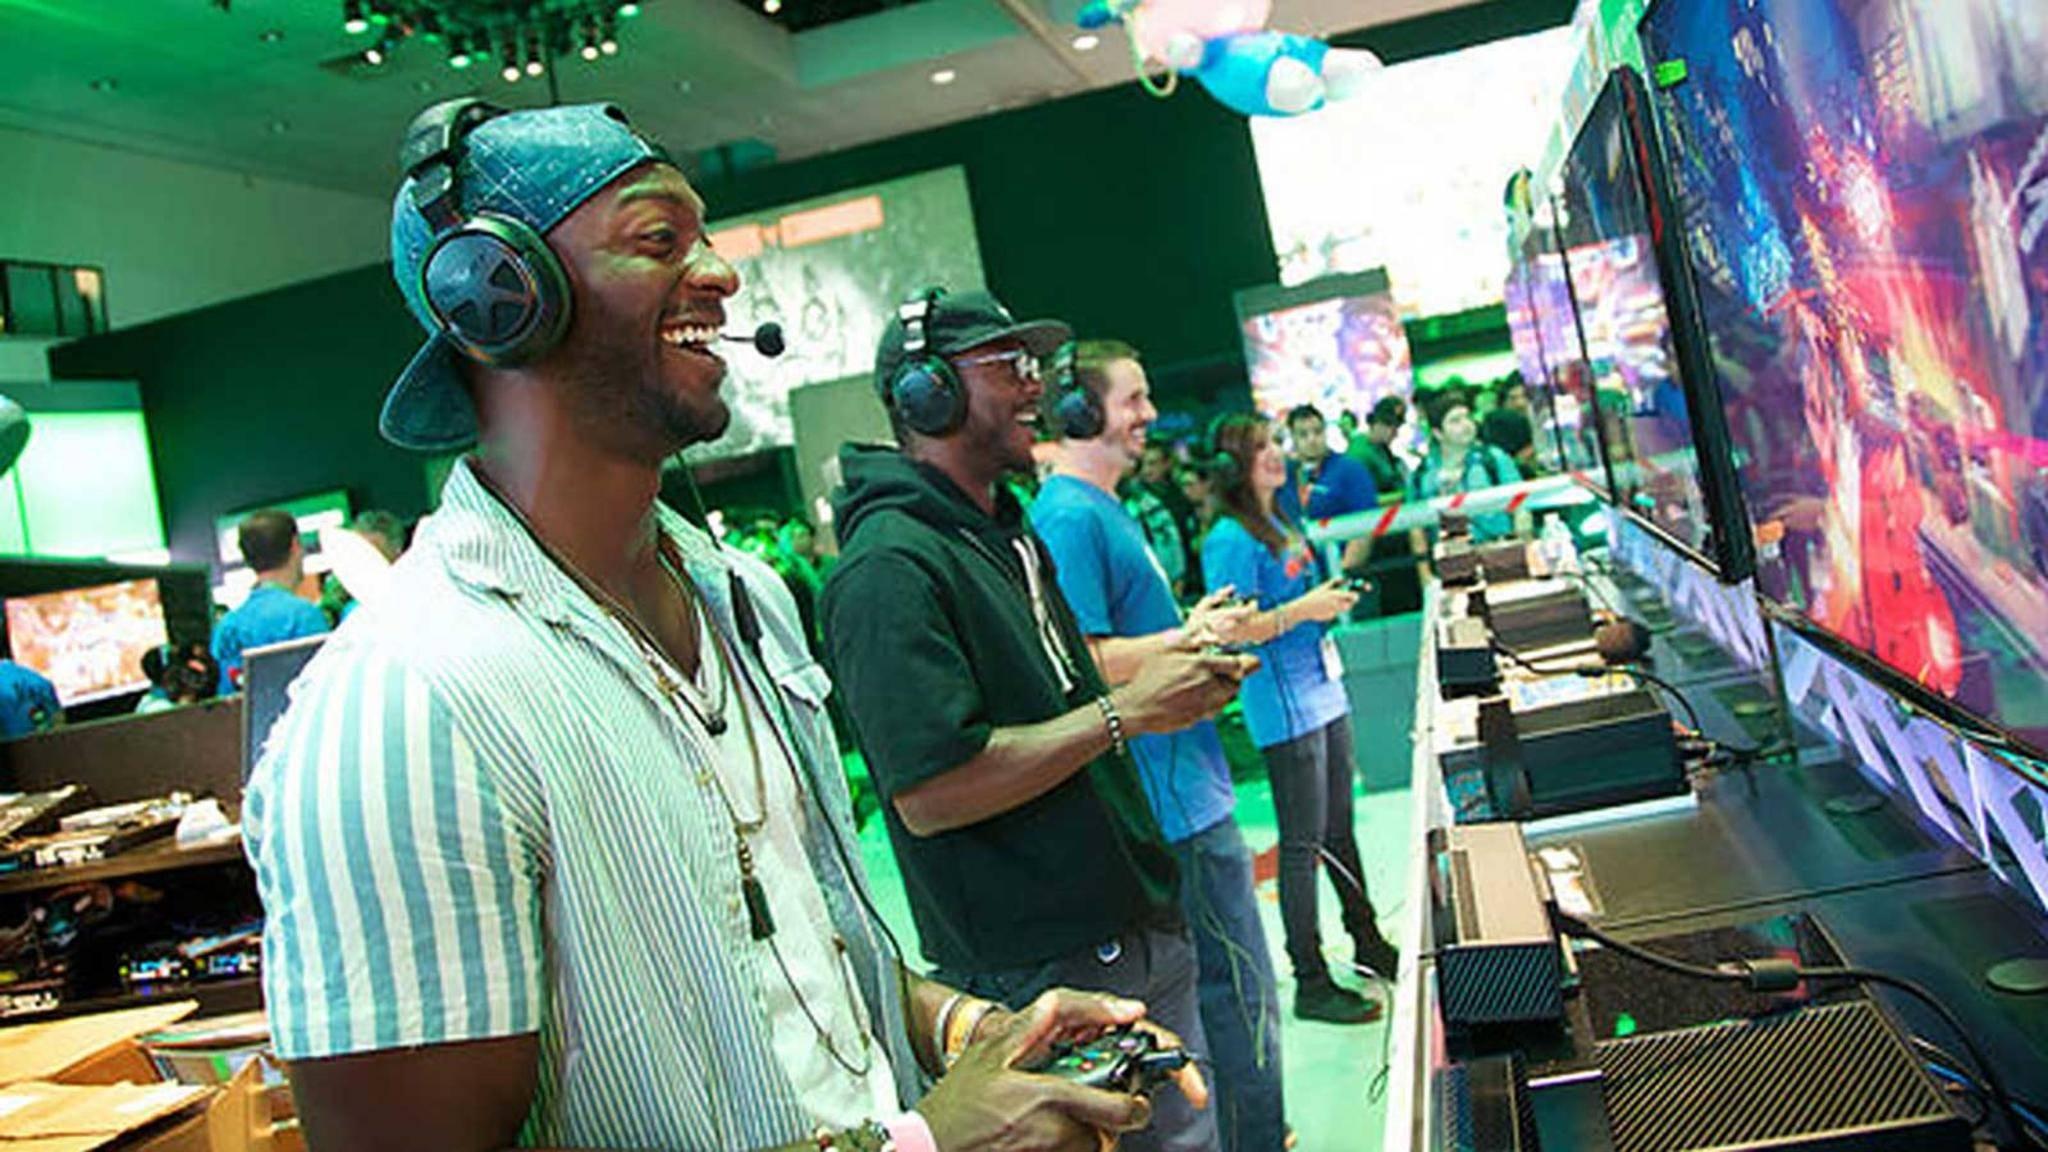 Die E3 ist die weltgrößte Spielemesse.